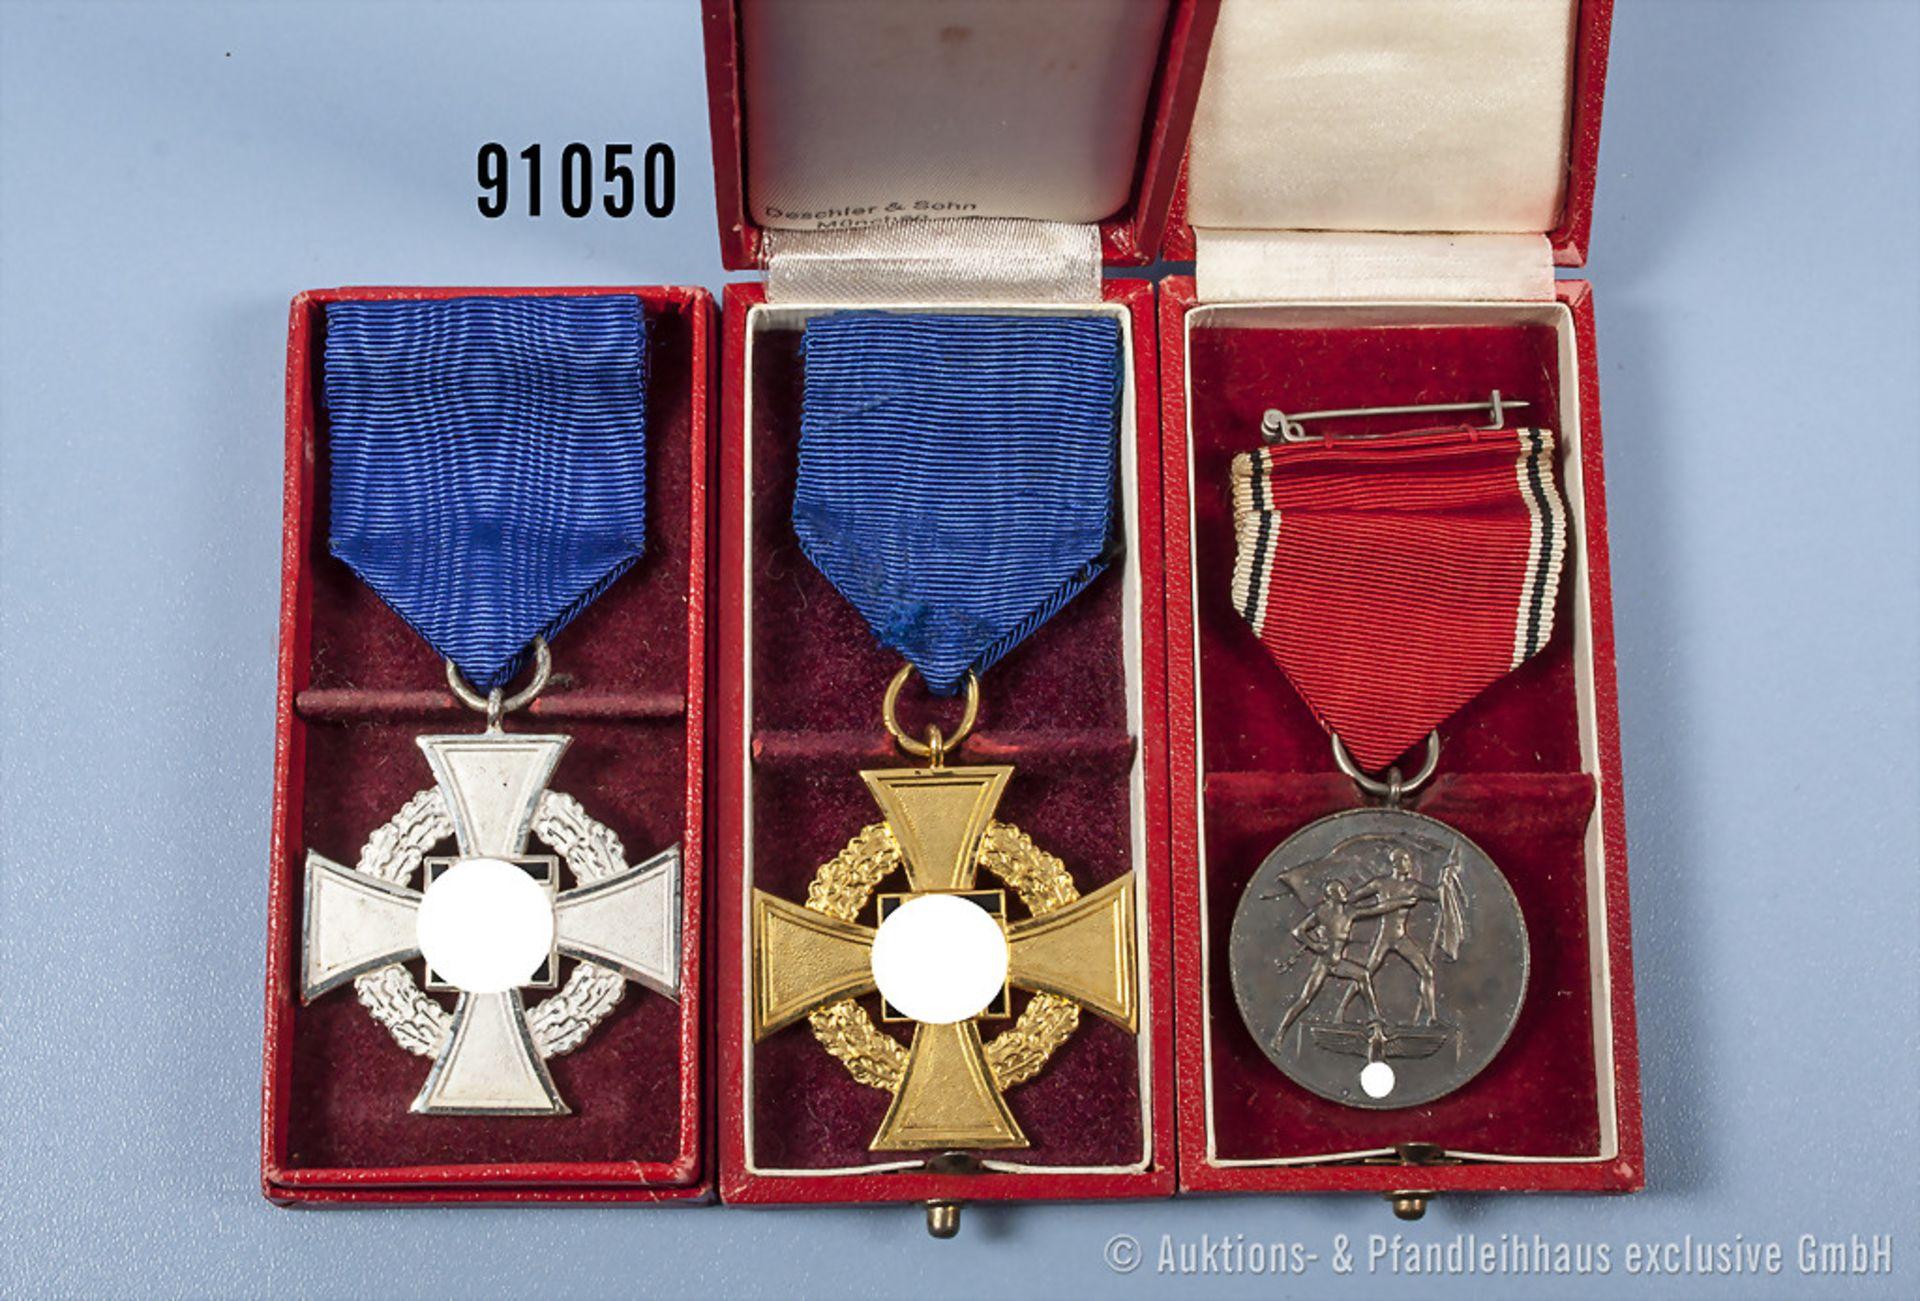 Konv. Treuedienst-Ehrenzeichen für 25 und 40 Jahre sowie Anschlußmedaille Österreich, jeweils im